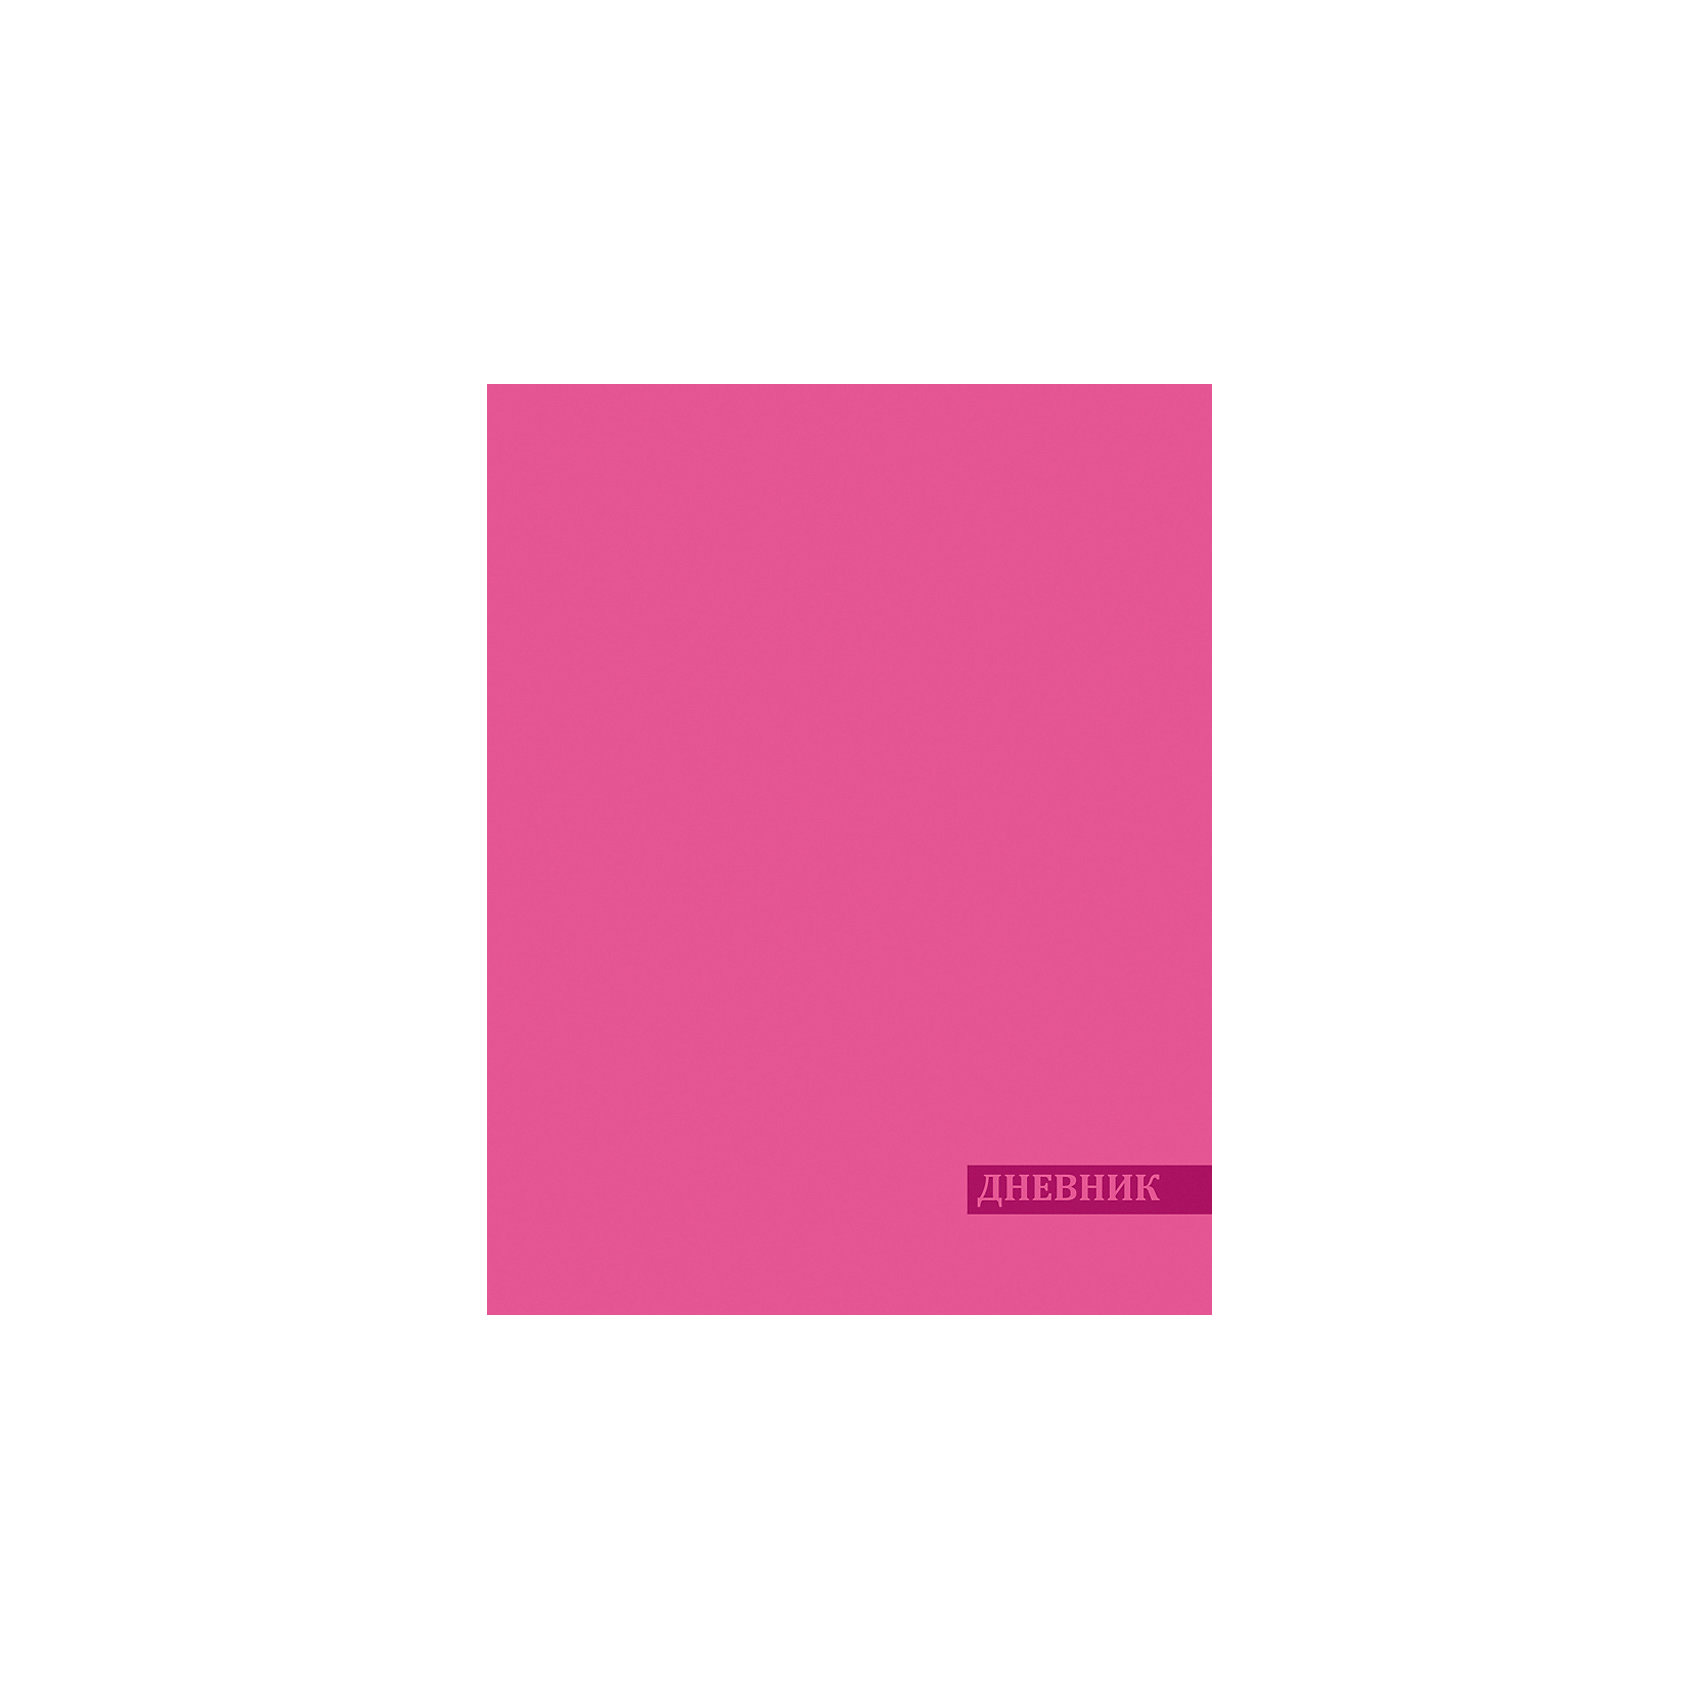 Дневник. Универсальный блок, твердая обложка, итальянские переплетные материалы, тиснение, розовыйБумажная продукция<br>ДНЕВНИК УНИВЕРСАЛЬНЫЙ.Твердый переплет с использованием итальянских переплетных материалов, с тиснением. Внутренний блок -  65г/м2., незапечатанный форзац.<br><br>Ширина мм: 215<br>Глубина мм: 170<br>Высота мм: 5<br>Вес г: 208<br>Возраст от месяцев: 36<br>Возраст до месяцев: 216<br>Пол: Унисекс<br>Возраст: Детский<br>SKU: 6992550